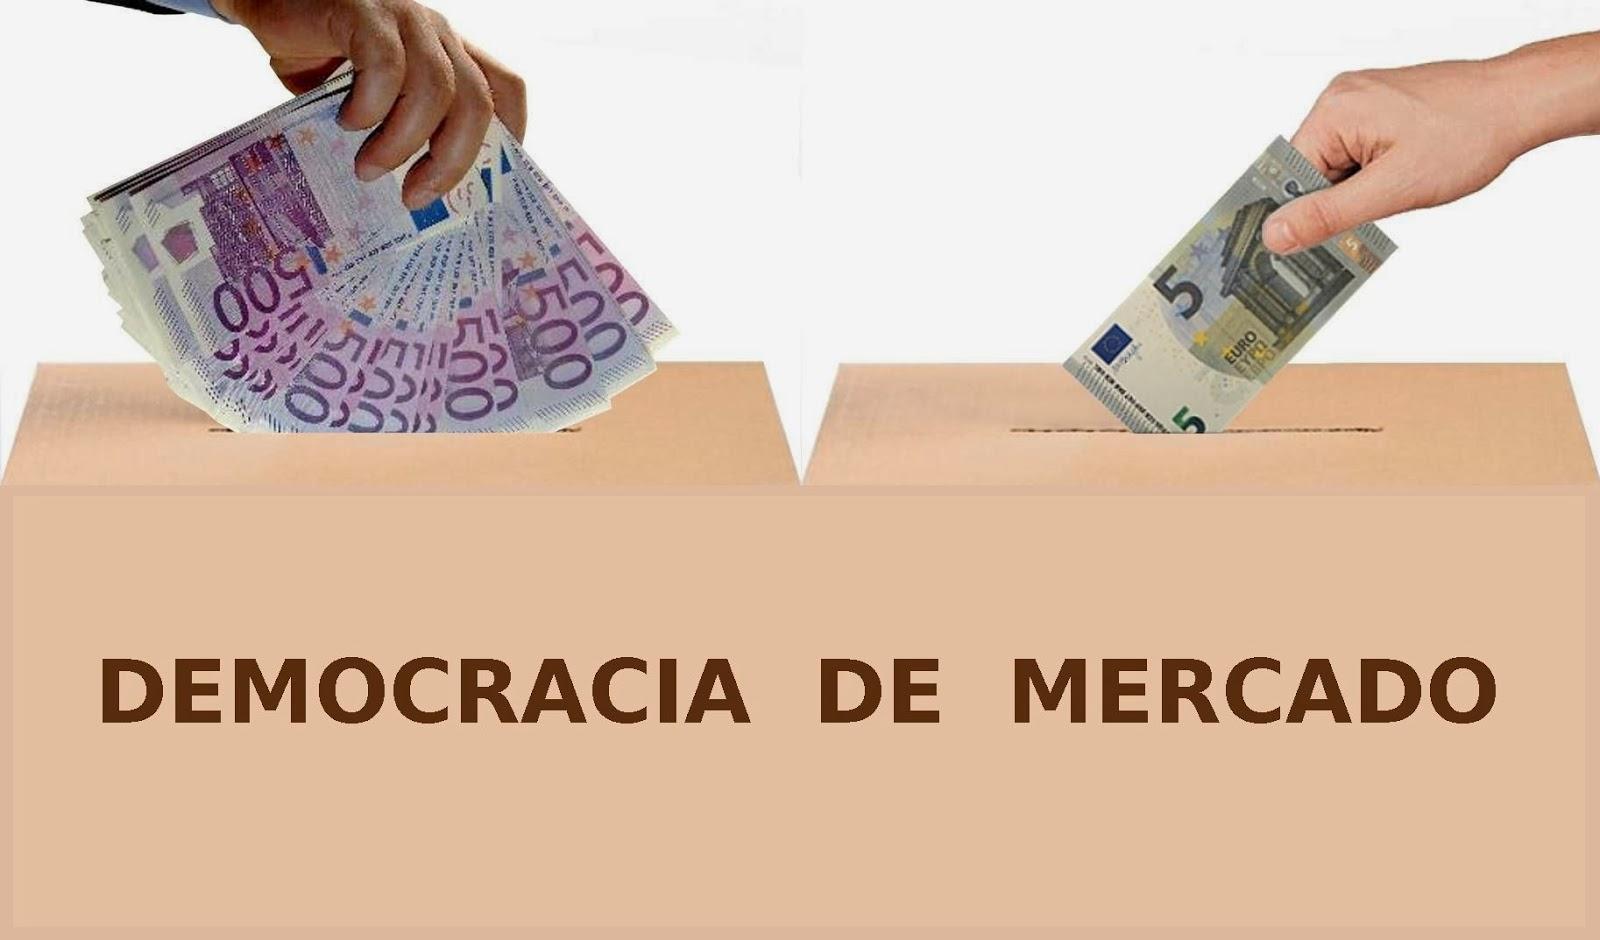 Democracia de mercado